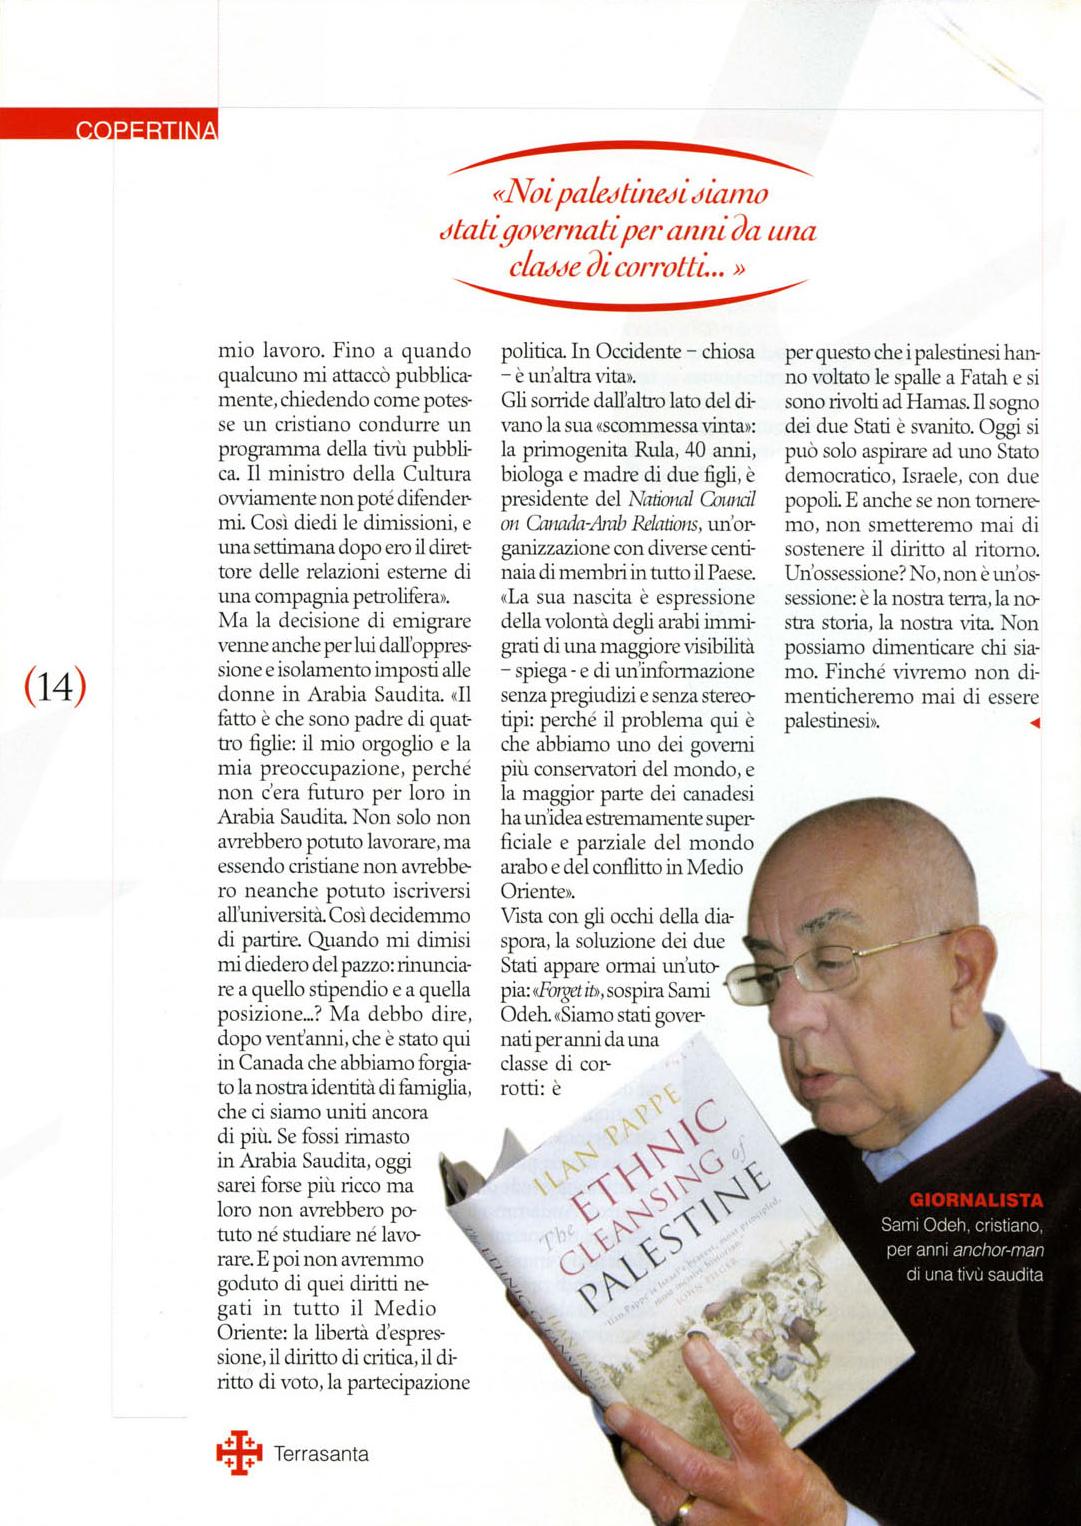 Terrasanta Magazine - Italy - Febuary 2010